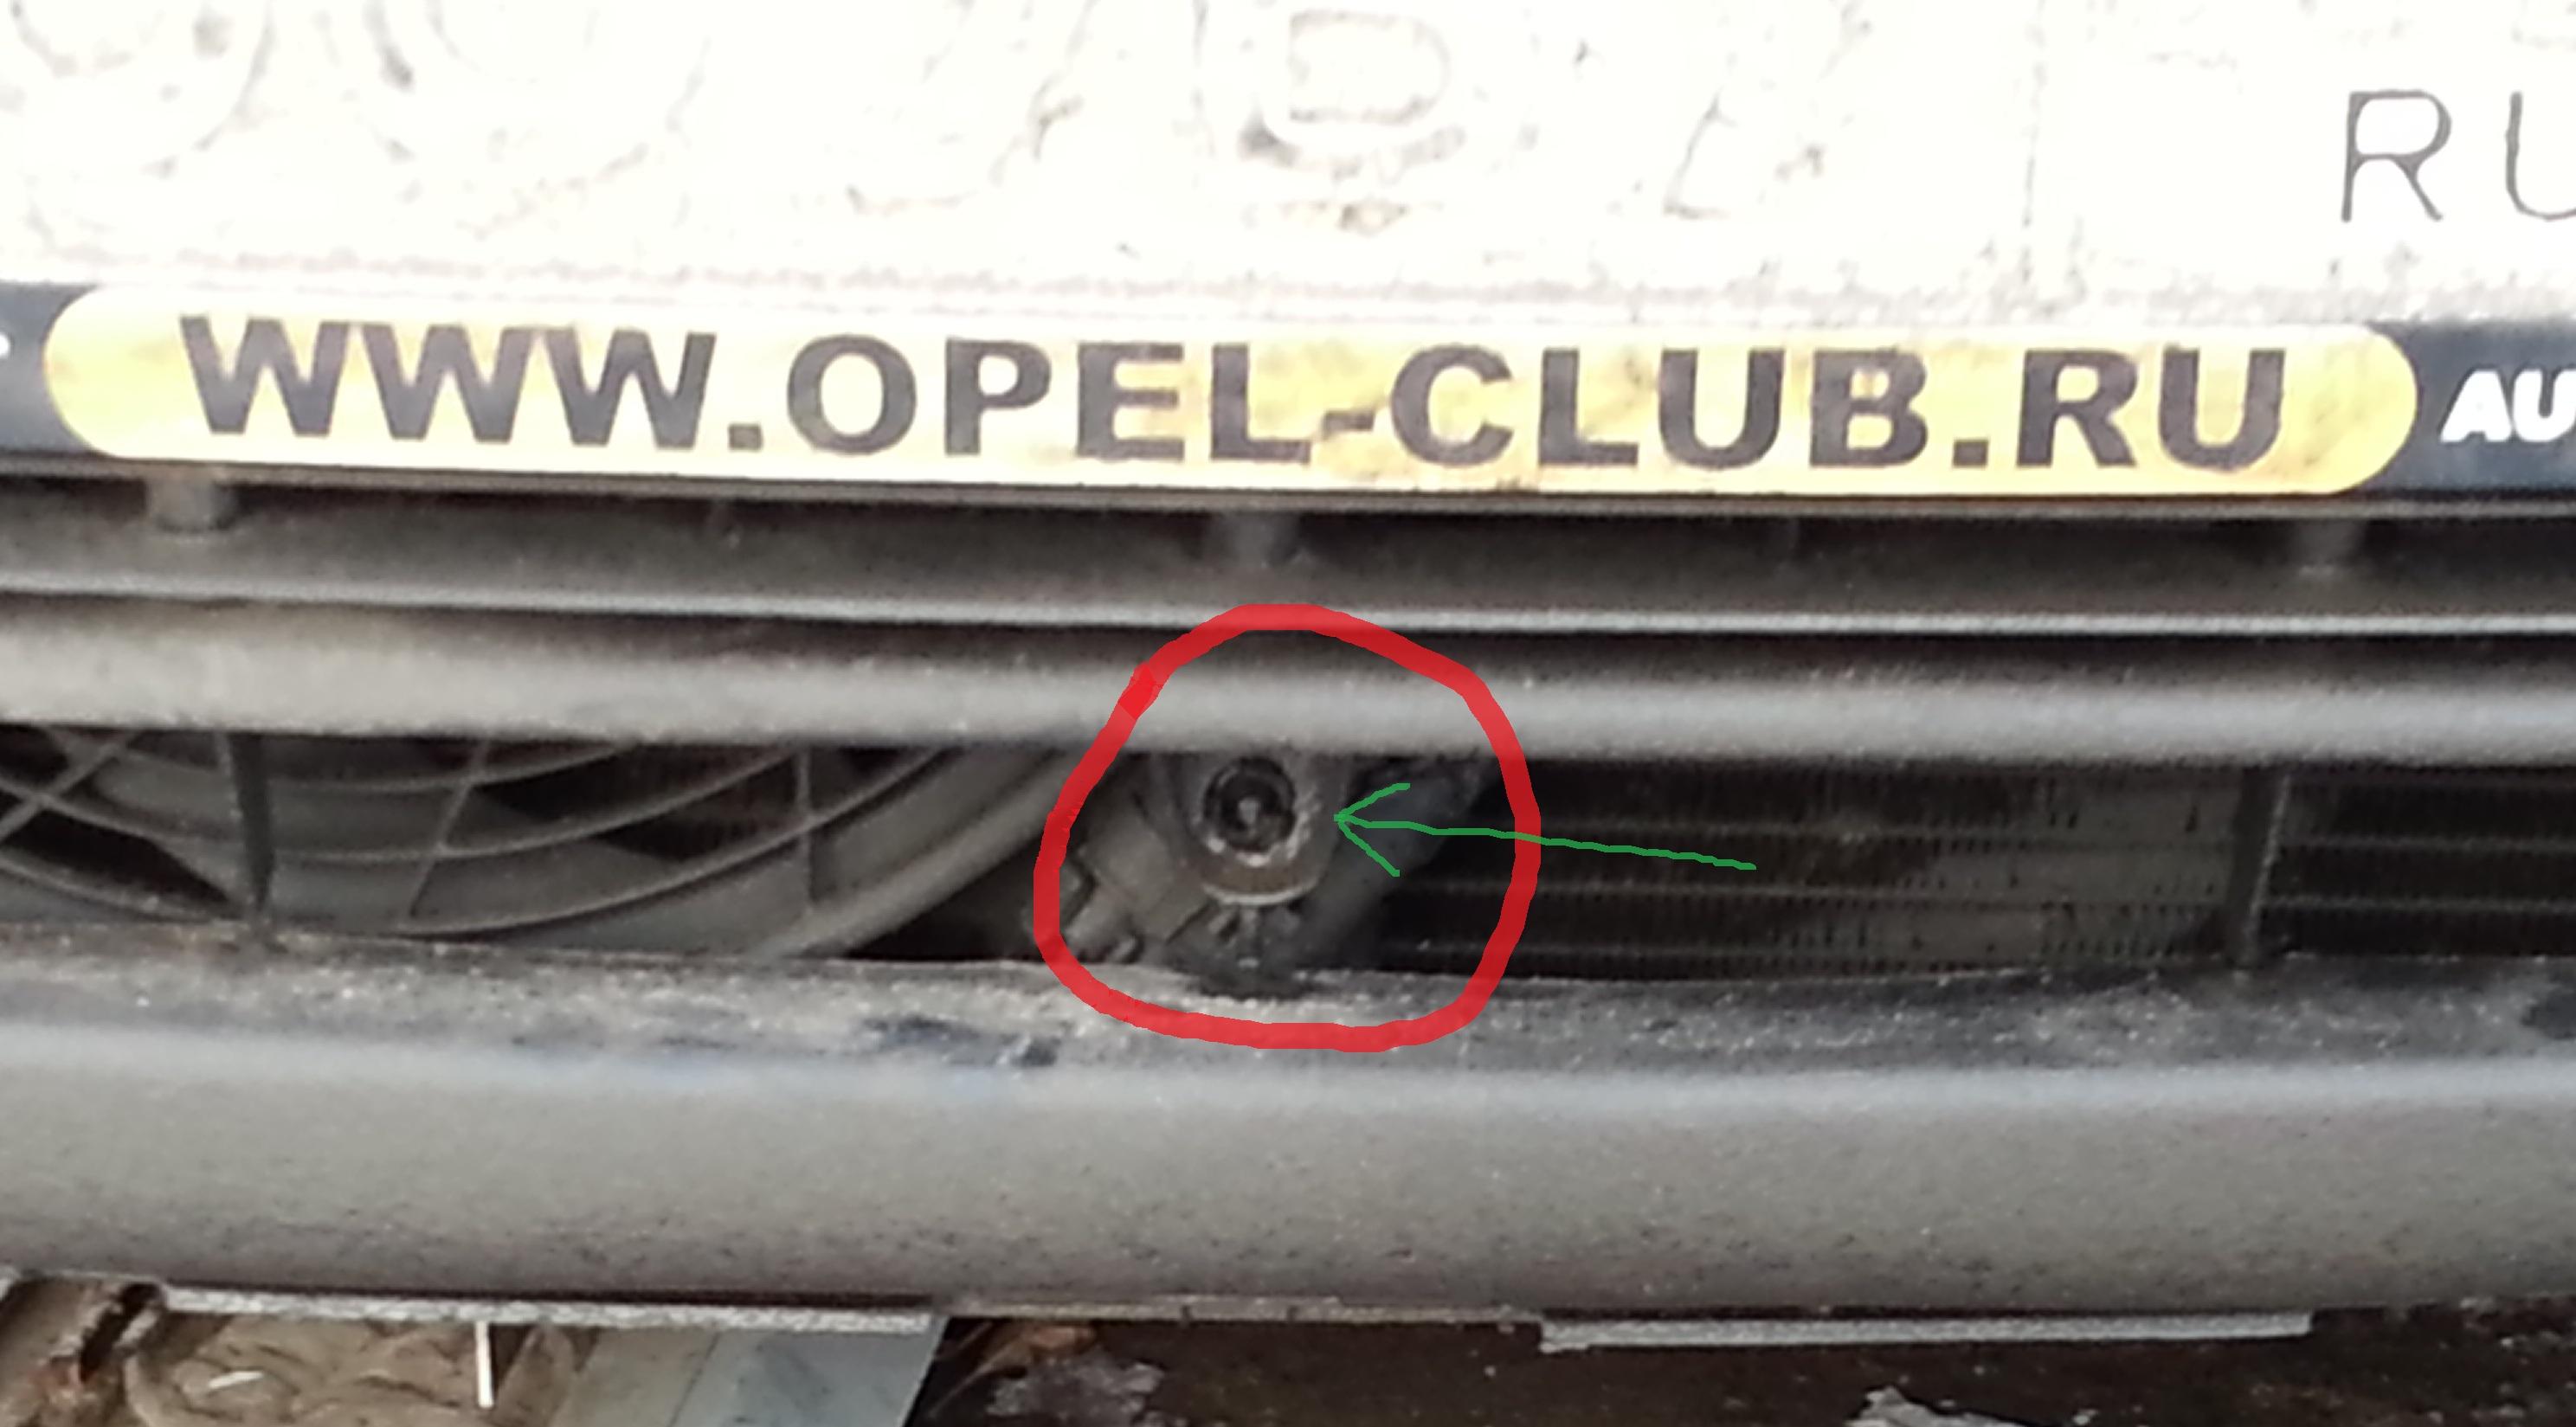 врет датчик наружной температуры на opel